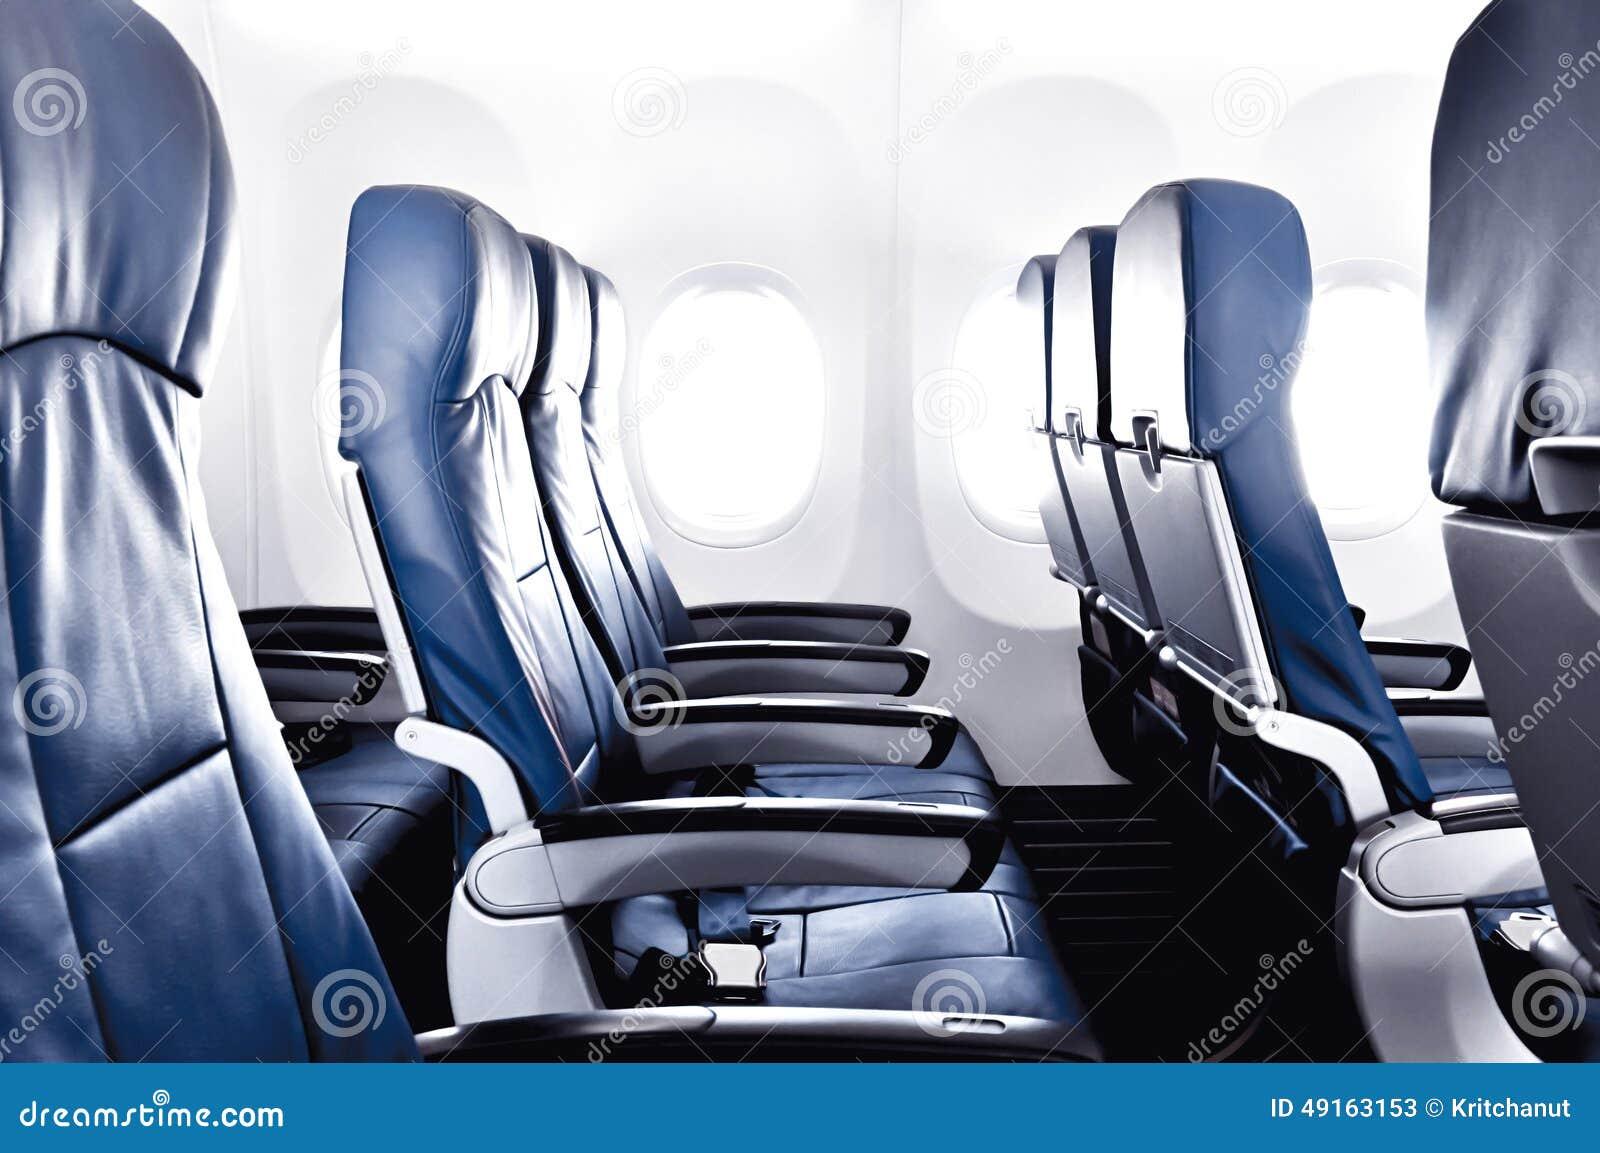 Κενά καθίσματα αεροπλάνων - οικονομία ή κατηγορία λεωφορείων